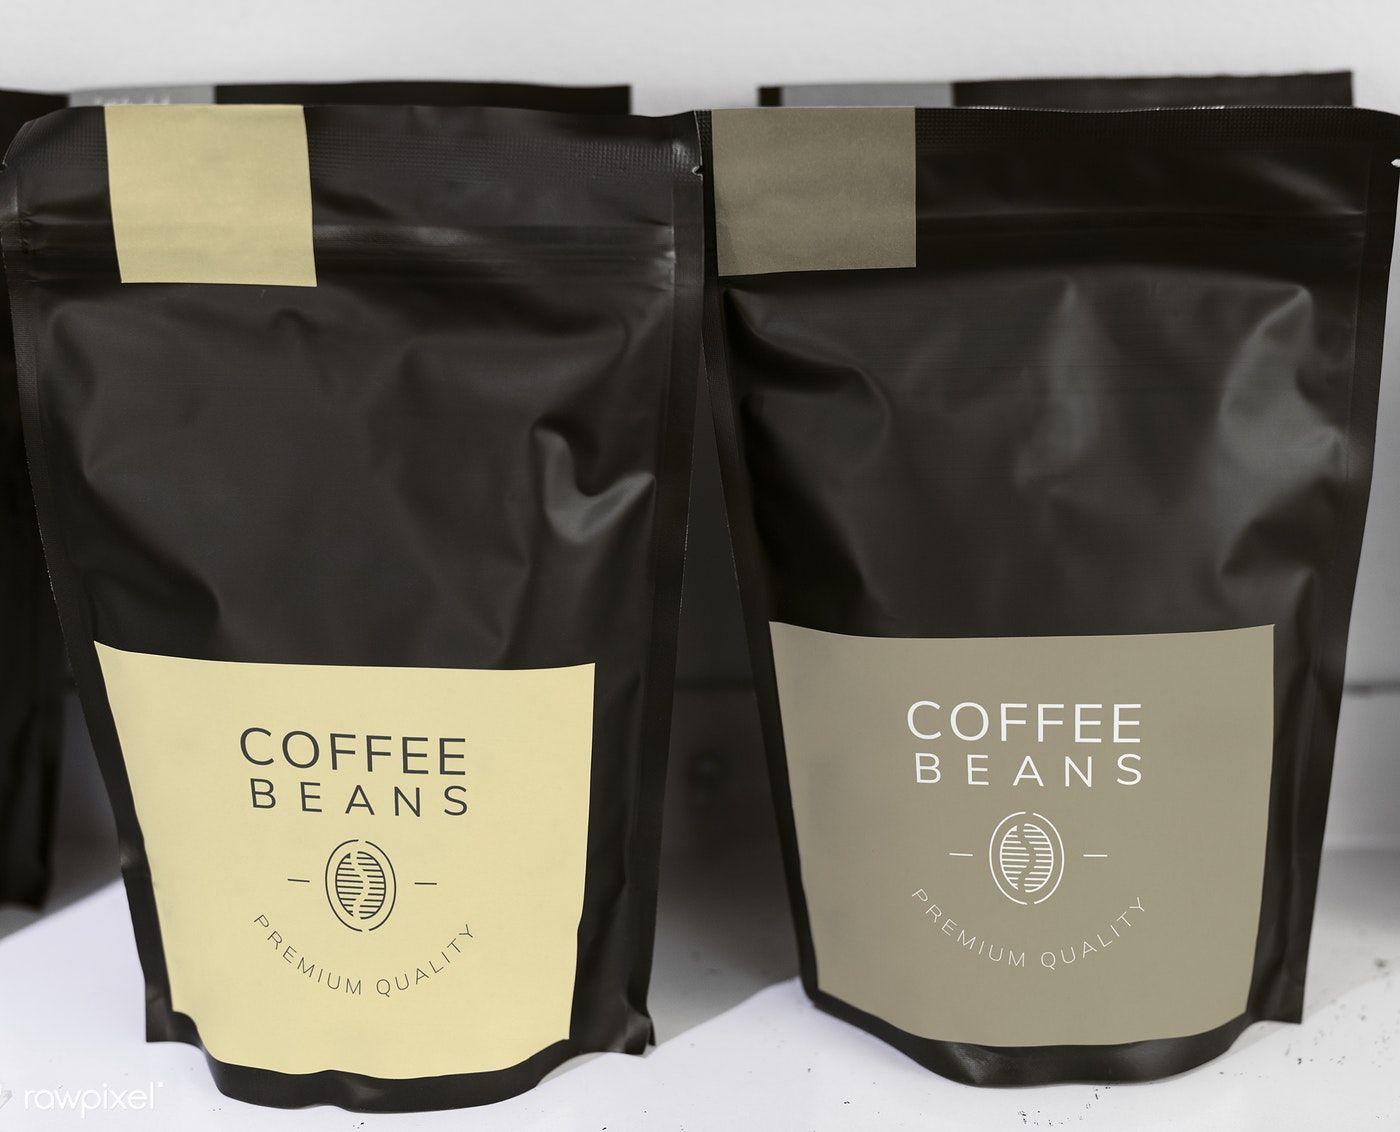 Download Coffee Bean Bag Mockup Design Free Image By Rawpixel Com Coffee Bean Bags Bag Mockup Organic Tea Brands